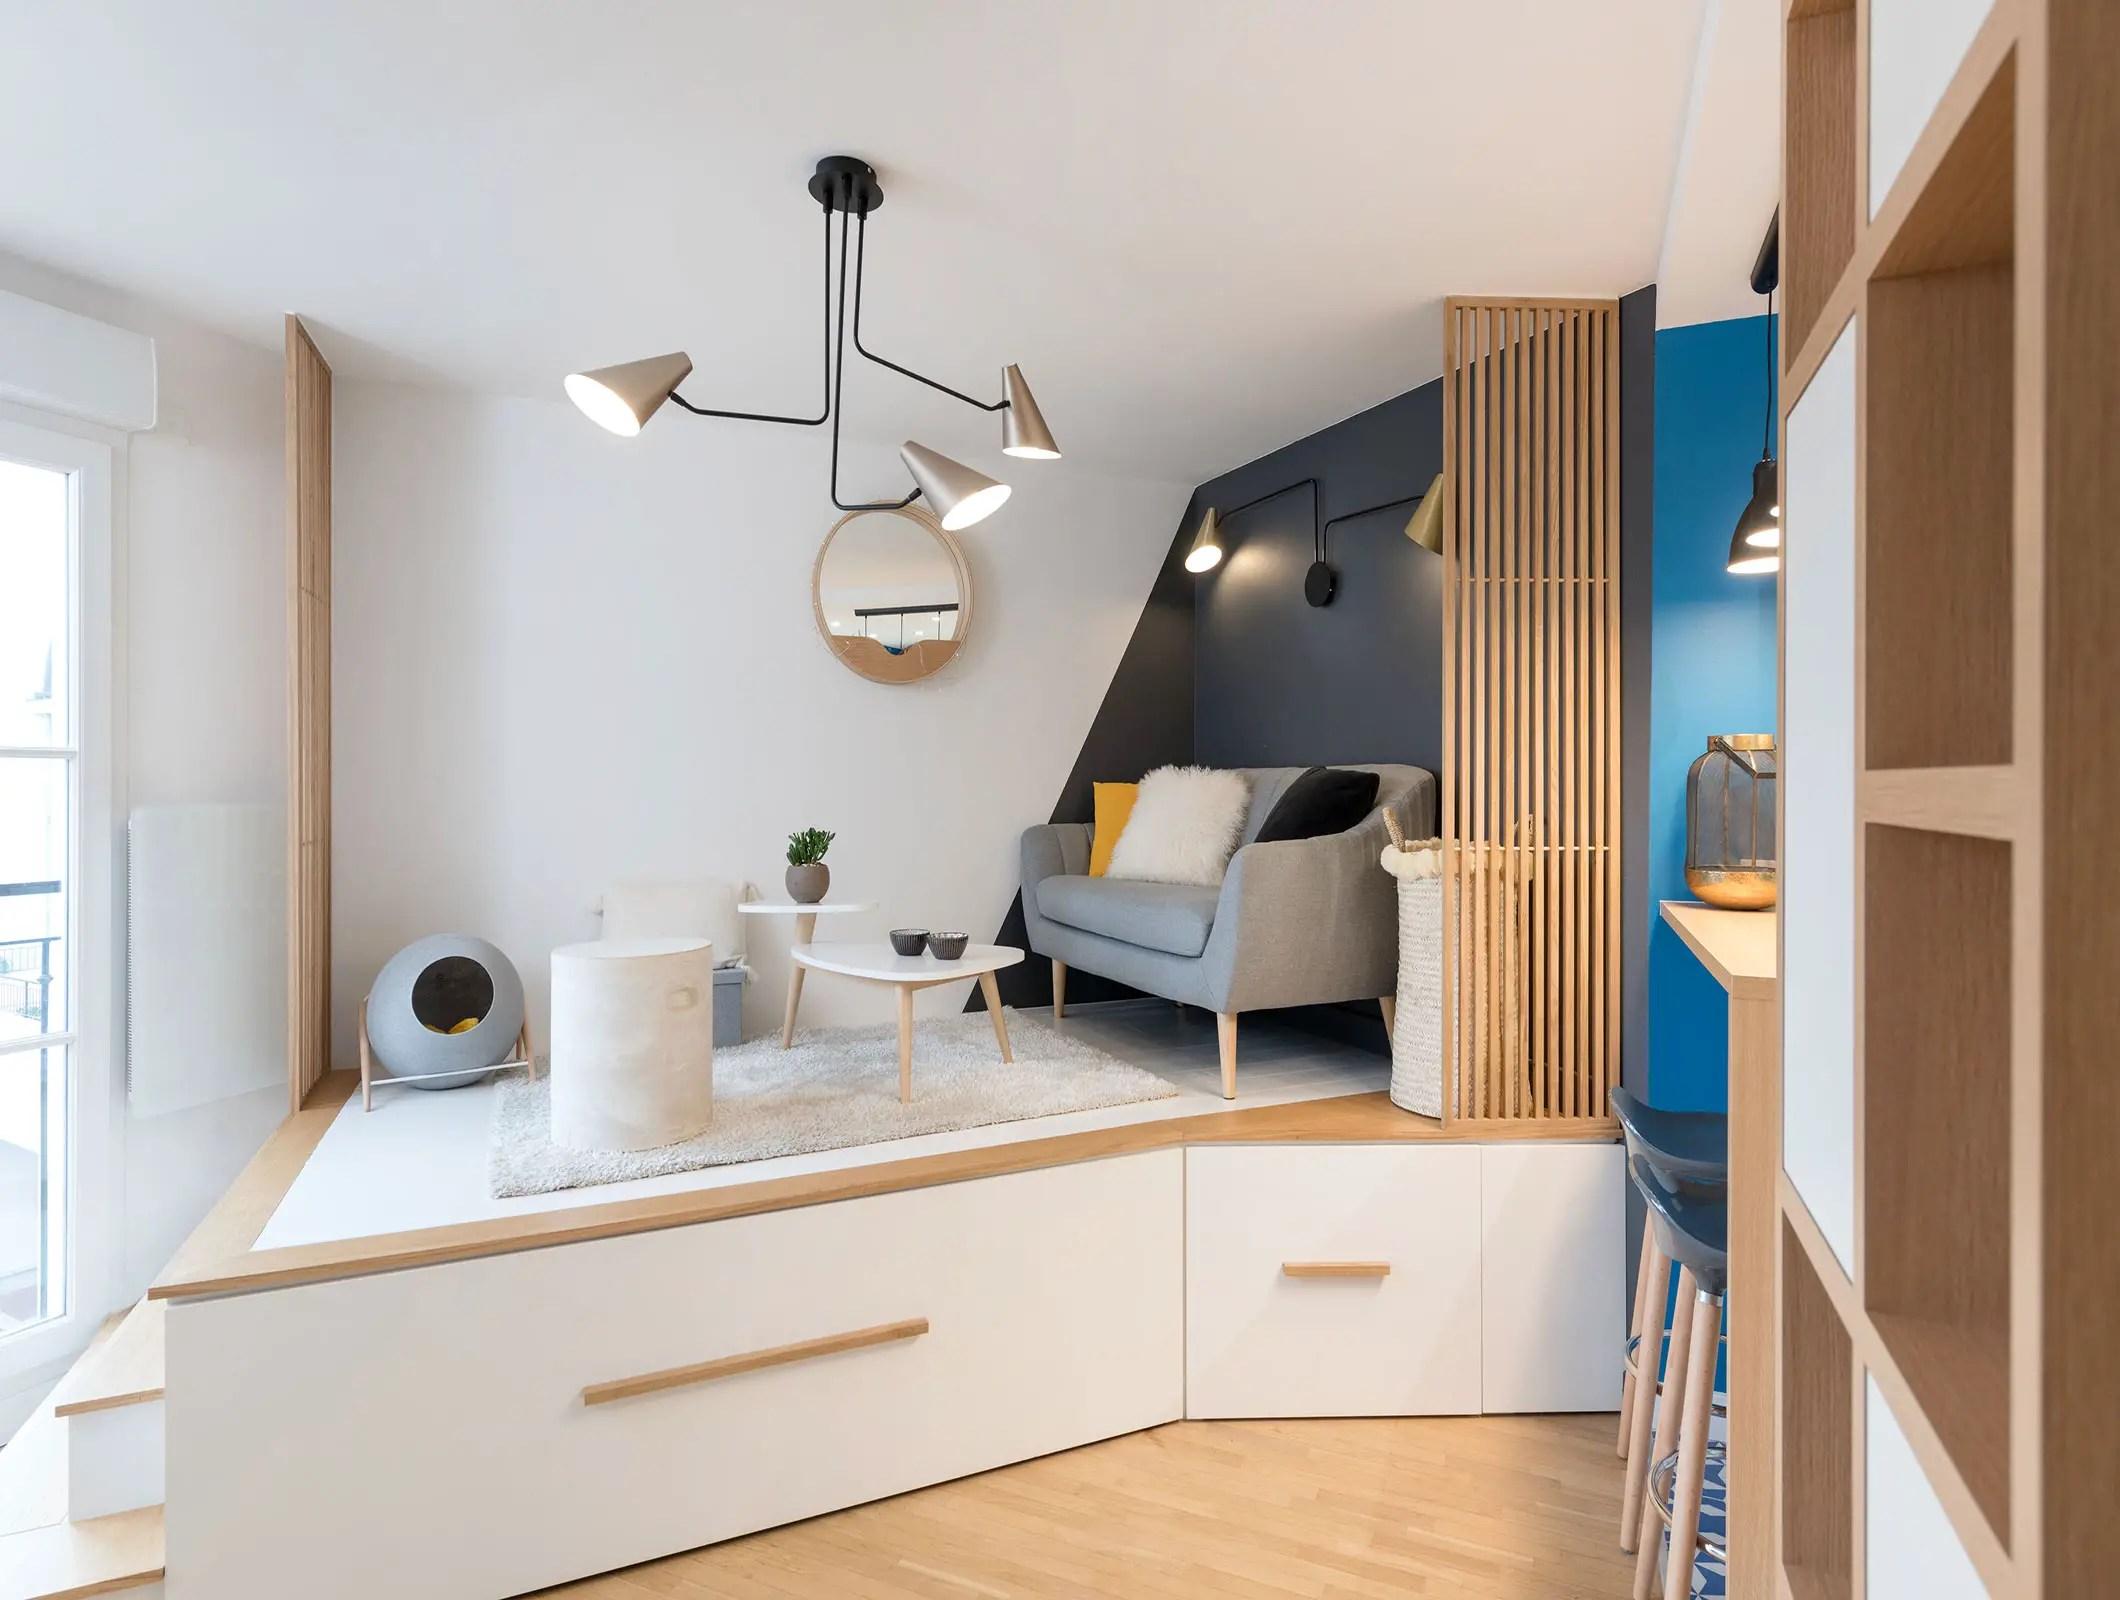 Ce studio de 11m11 près de Paris cache un lit astucieux - PLANETE